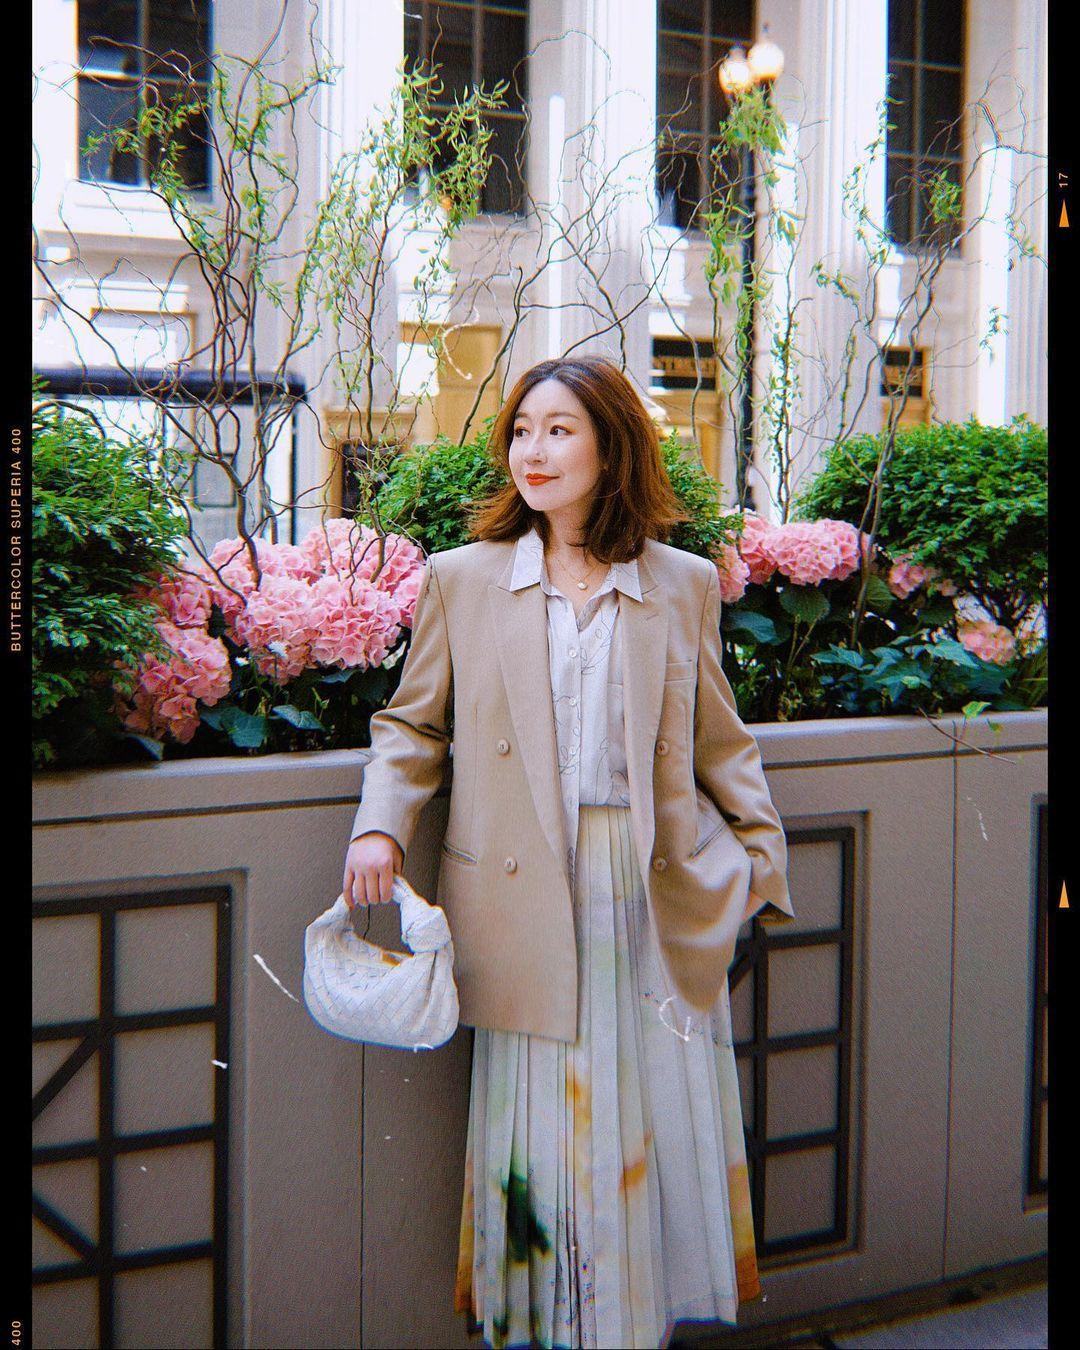 Chỉ với một kiểu blazer, nàng fashionista đã mix được cả chục set đồ xịn đẹp, thấy mà chẳng muốn shopping nhiều cho phí tiền - Ảnh 3.